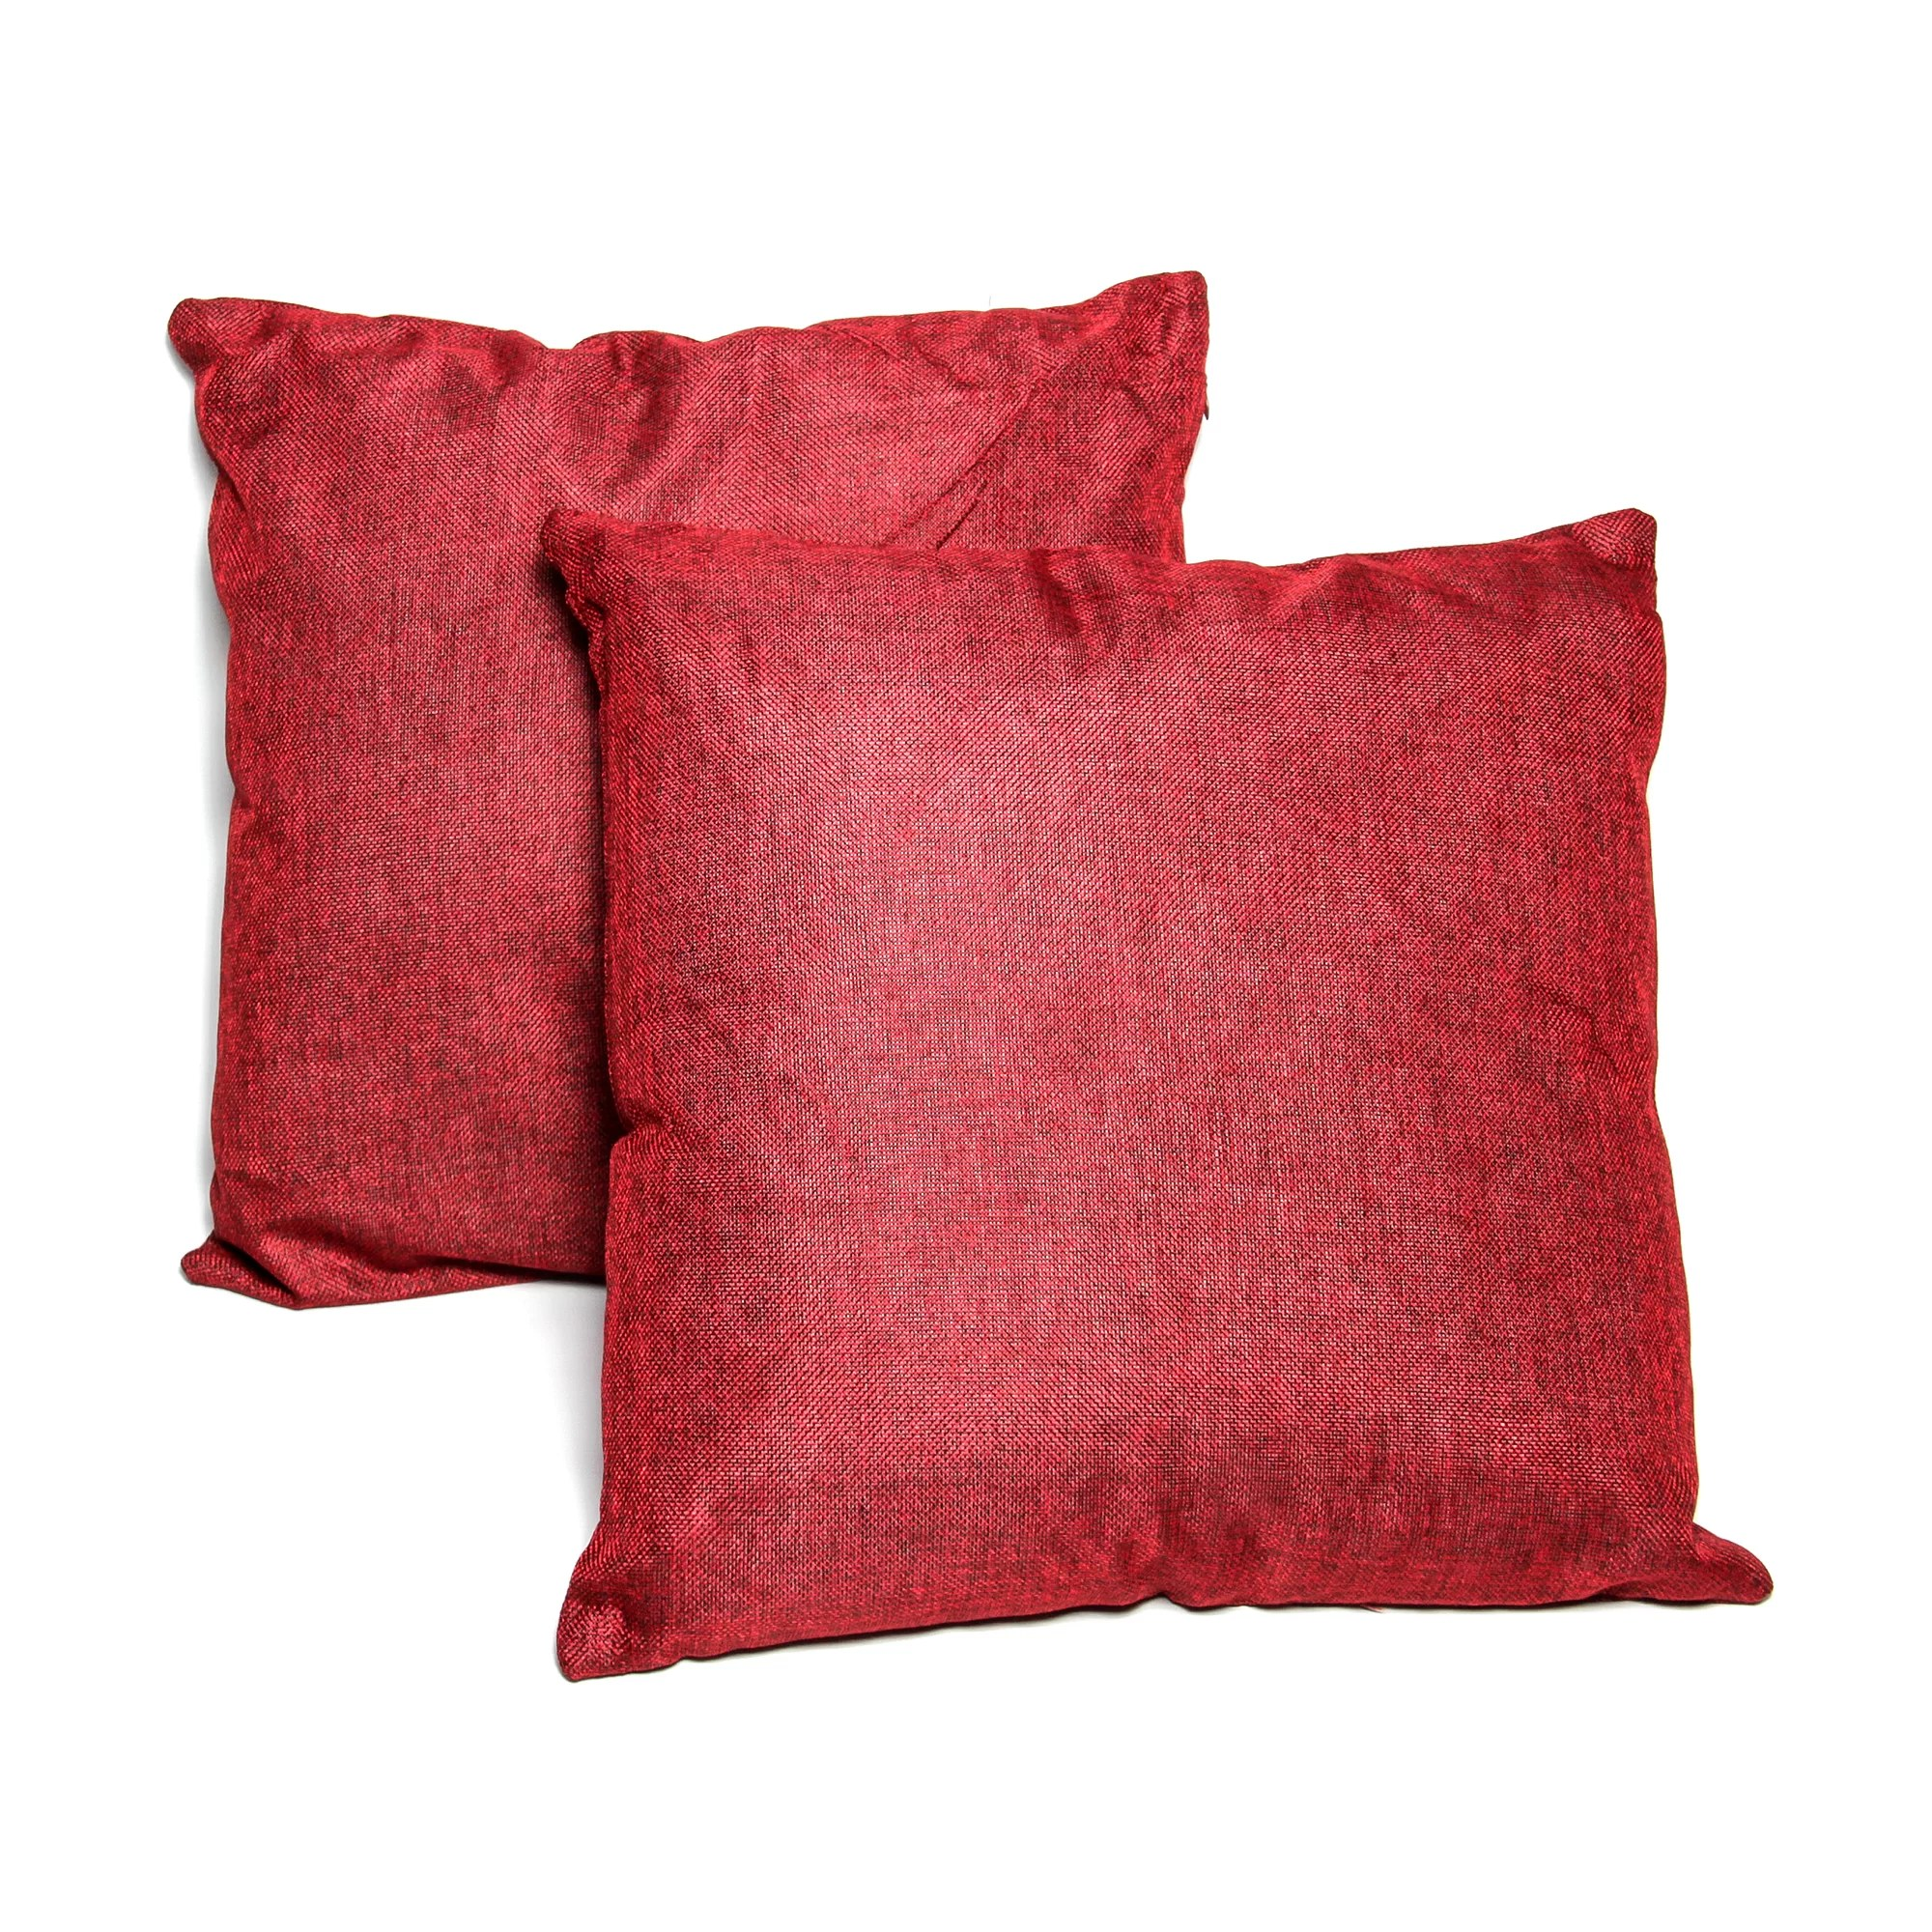 Wayfair Couch Pillows